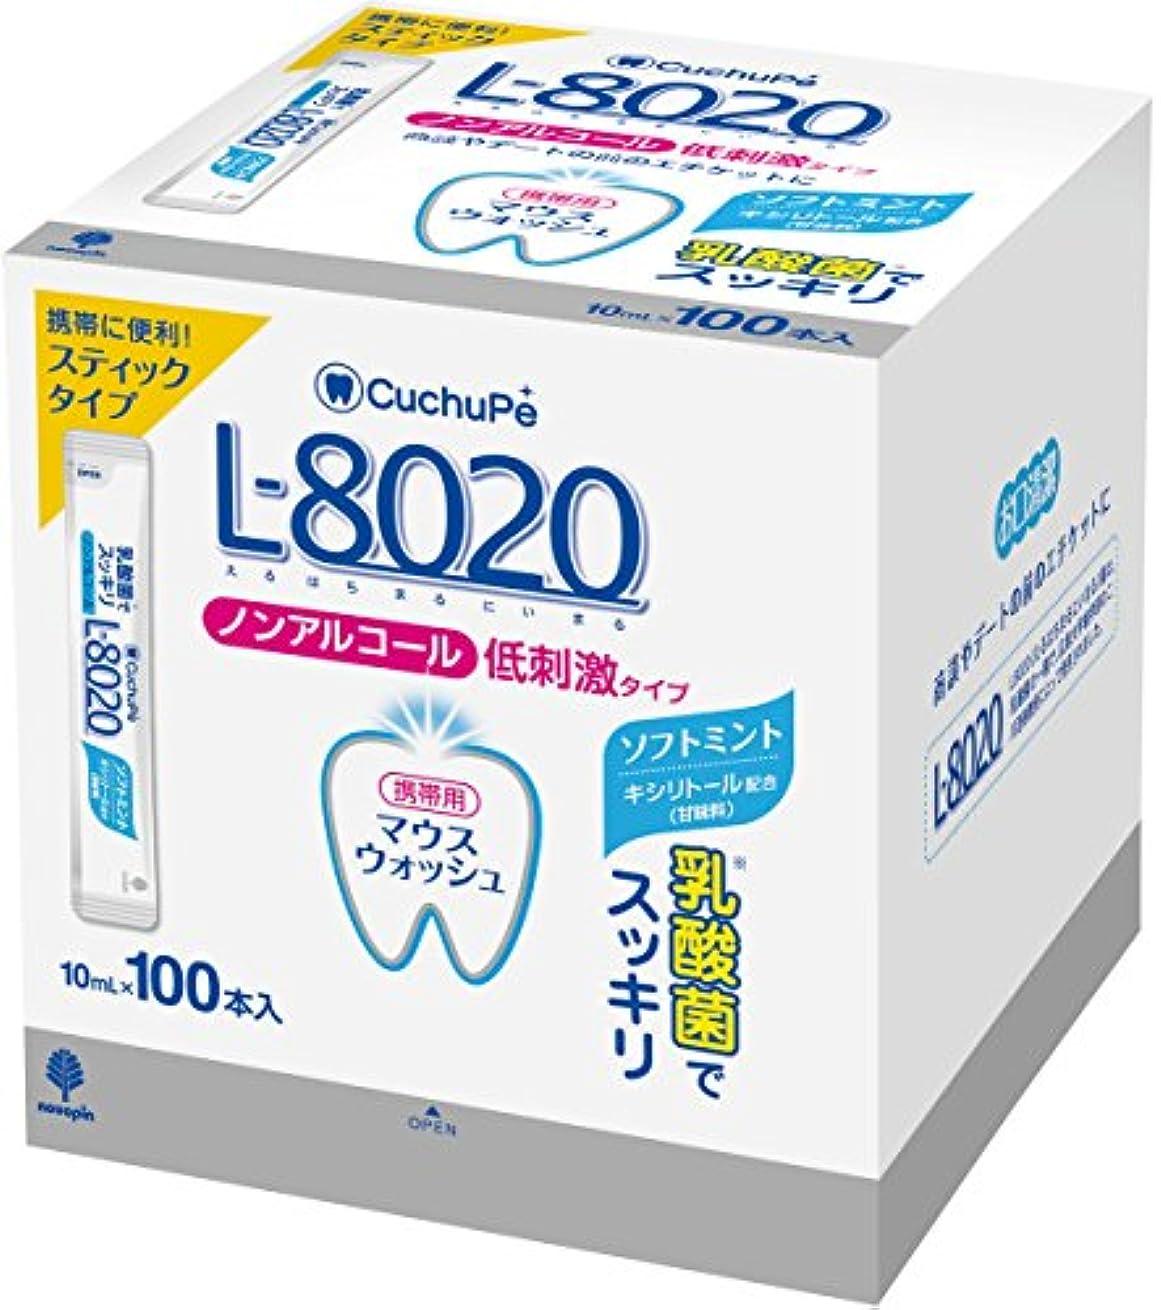 郵便屋さん望まないグレークチュッペ L-8020 マウスウォッシュ ソフトミント スティックタイプ 100本入